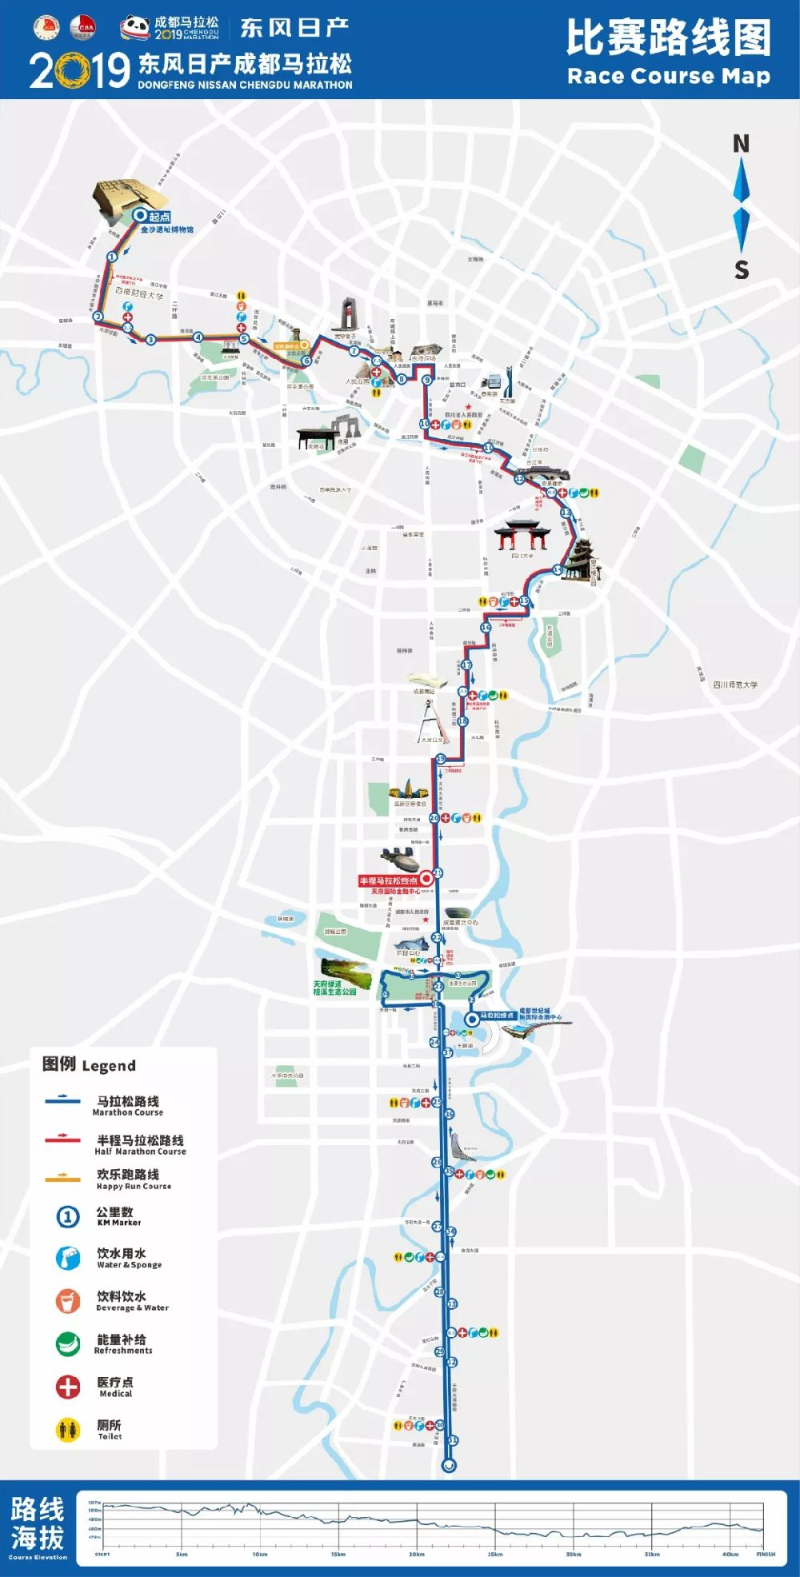 2019成都国际马拉松赛事路线介绍